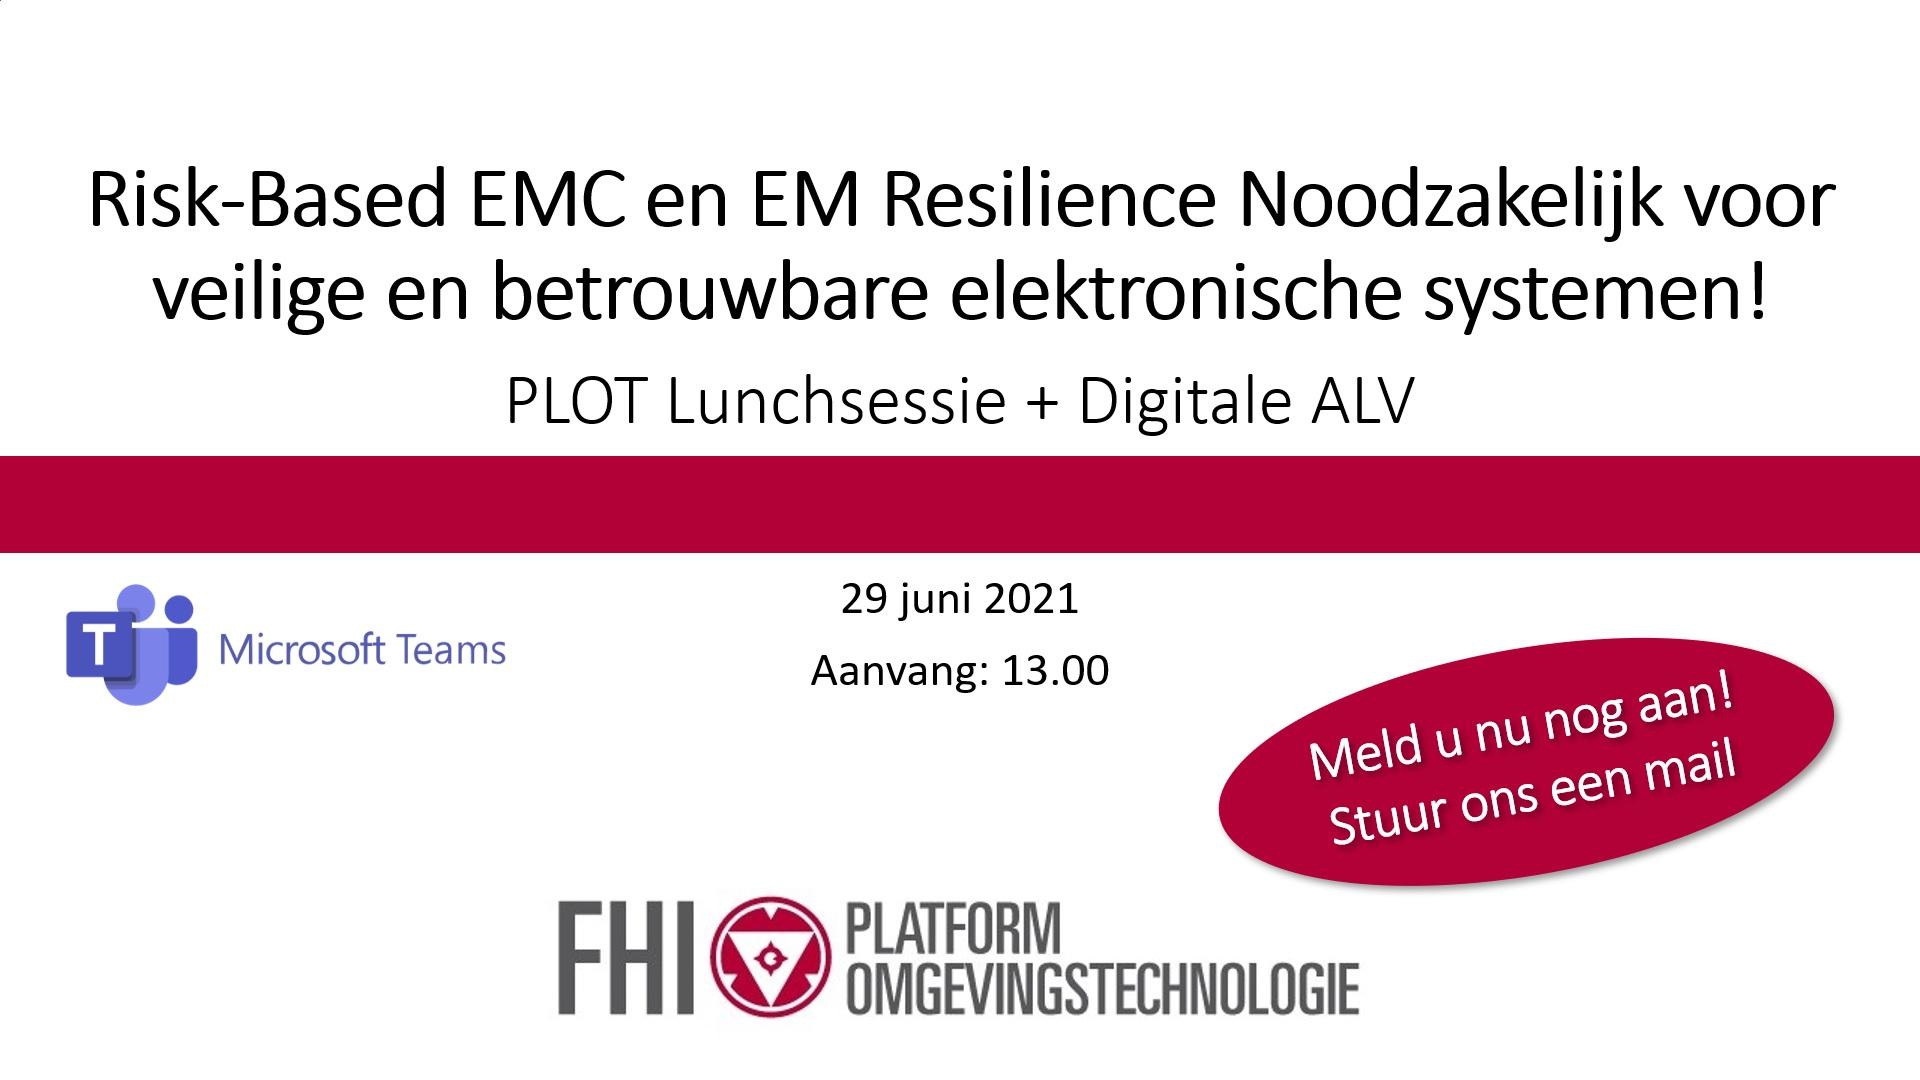 Digitale ledenvergadering PLOT gecombineerd met lunchsessie op 29 juni